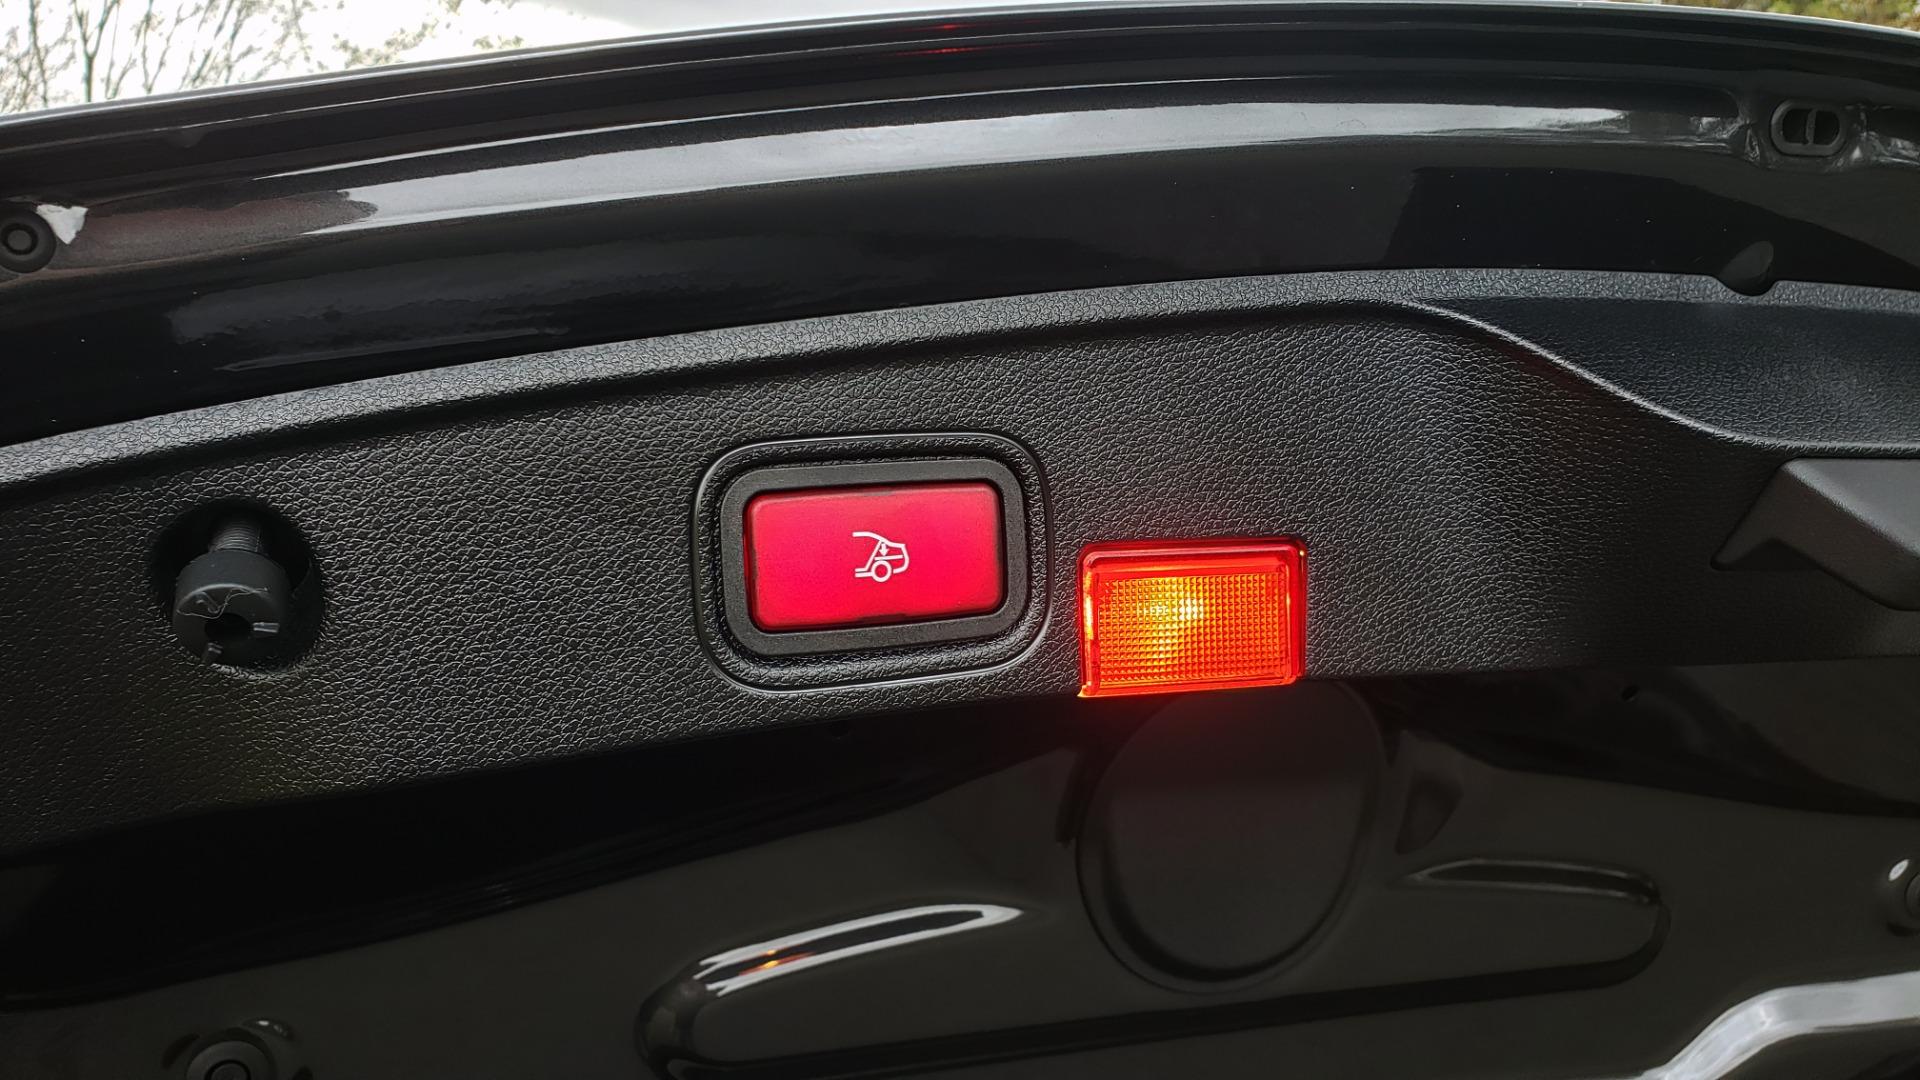 Used 2019 Mercedes-Benz C-CLASS C 300 CABRIOLET / PREM PKG / NAV / BURMESTER / MULTIMEDIA for sale Sold at Formula Imports in Charlotte NC 28227 68